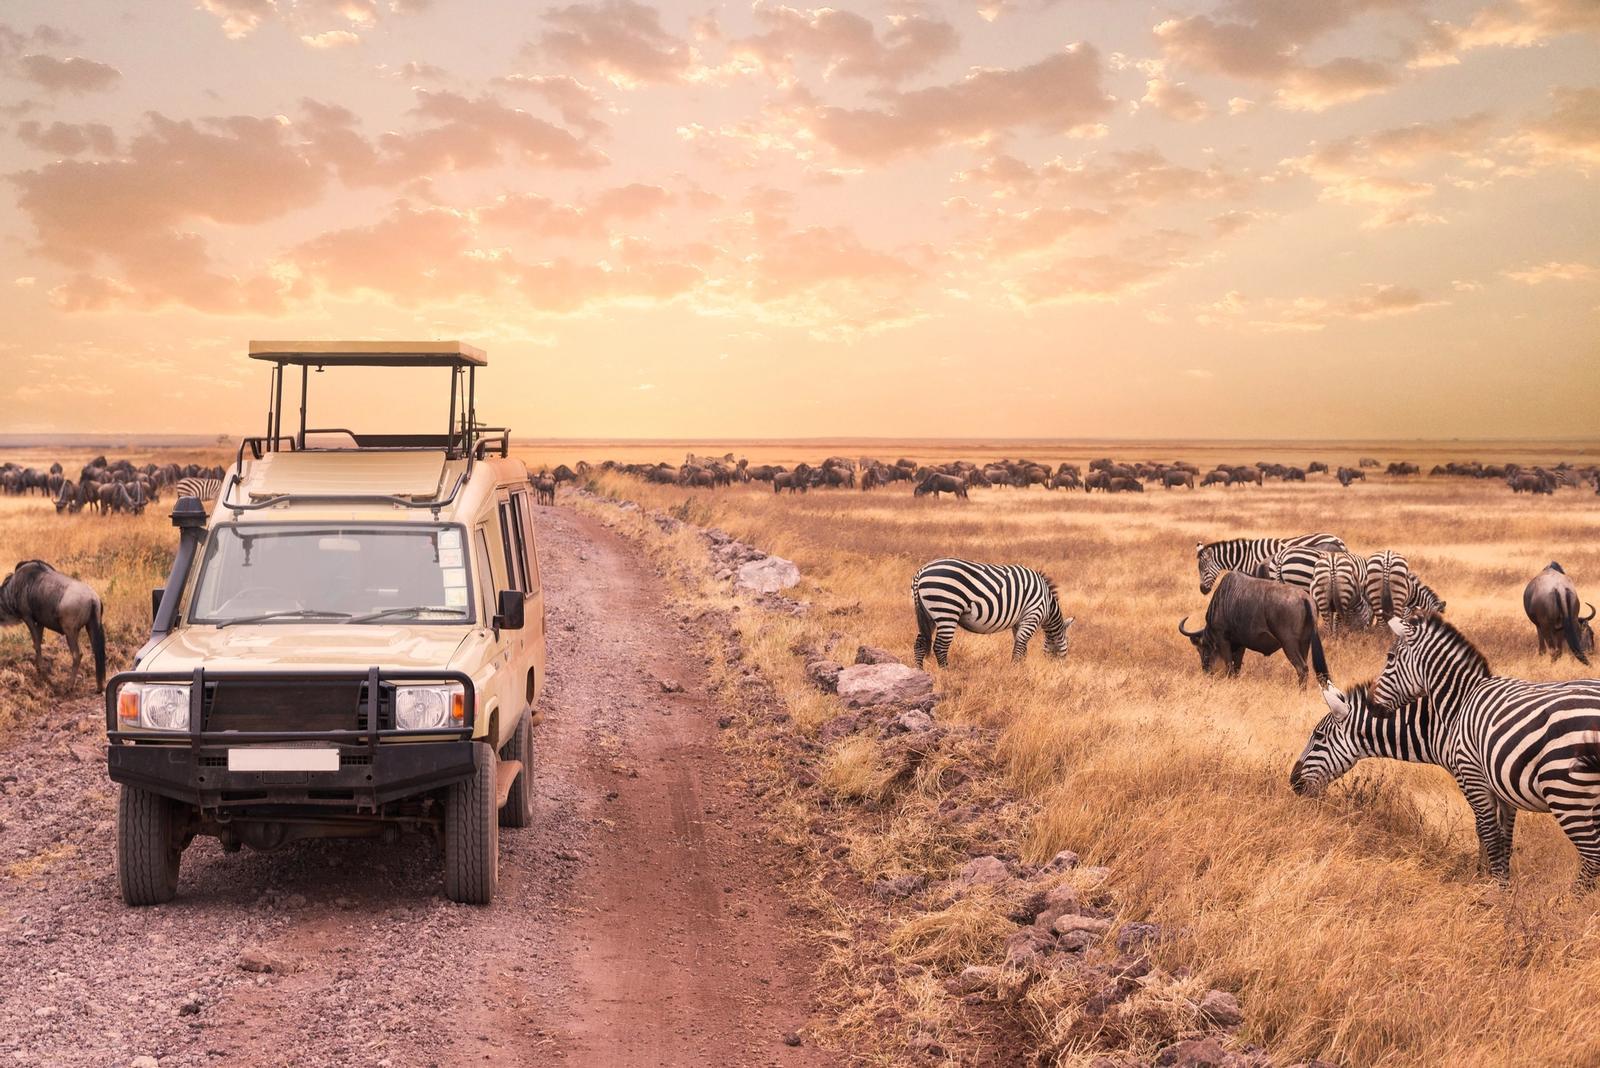 safari al tramonto in mezzo alle zebre